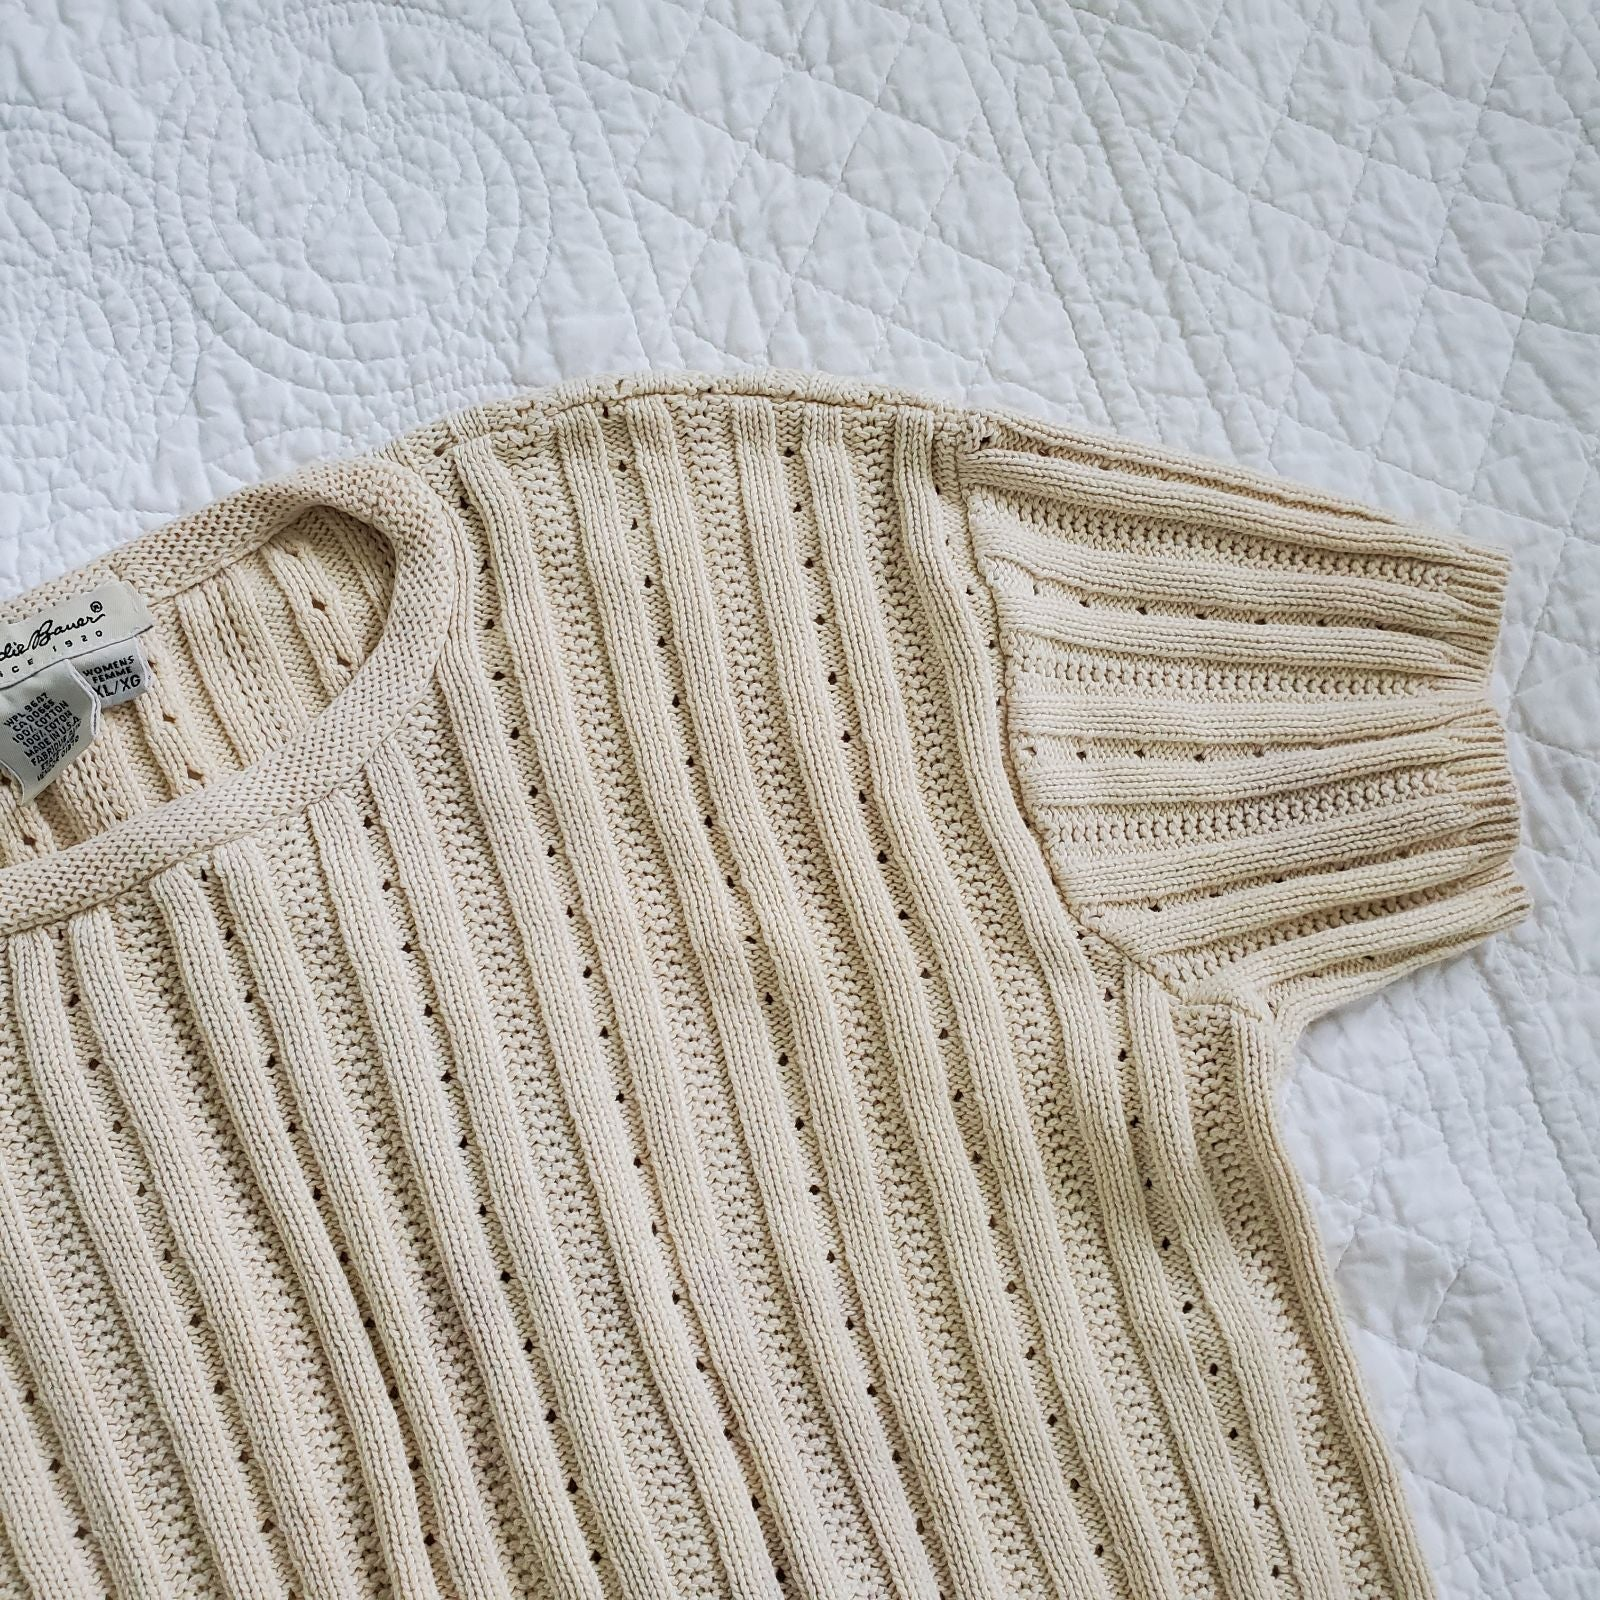 Vintage Eddie Bauer knit top short sleev